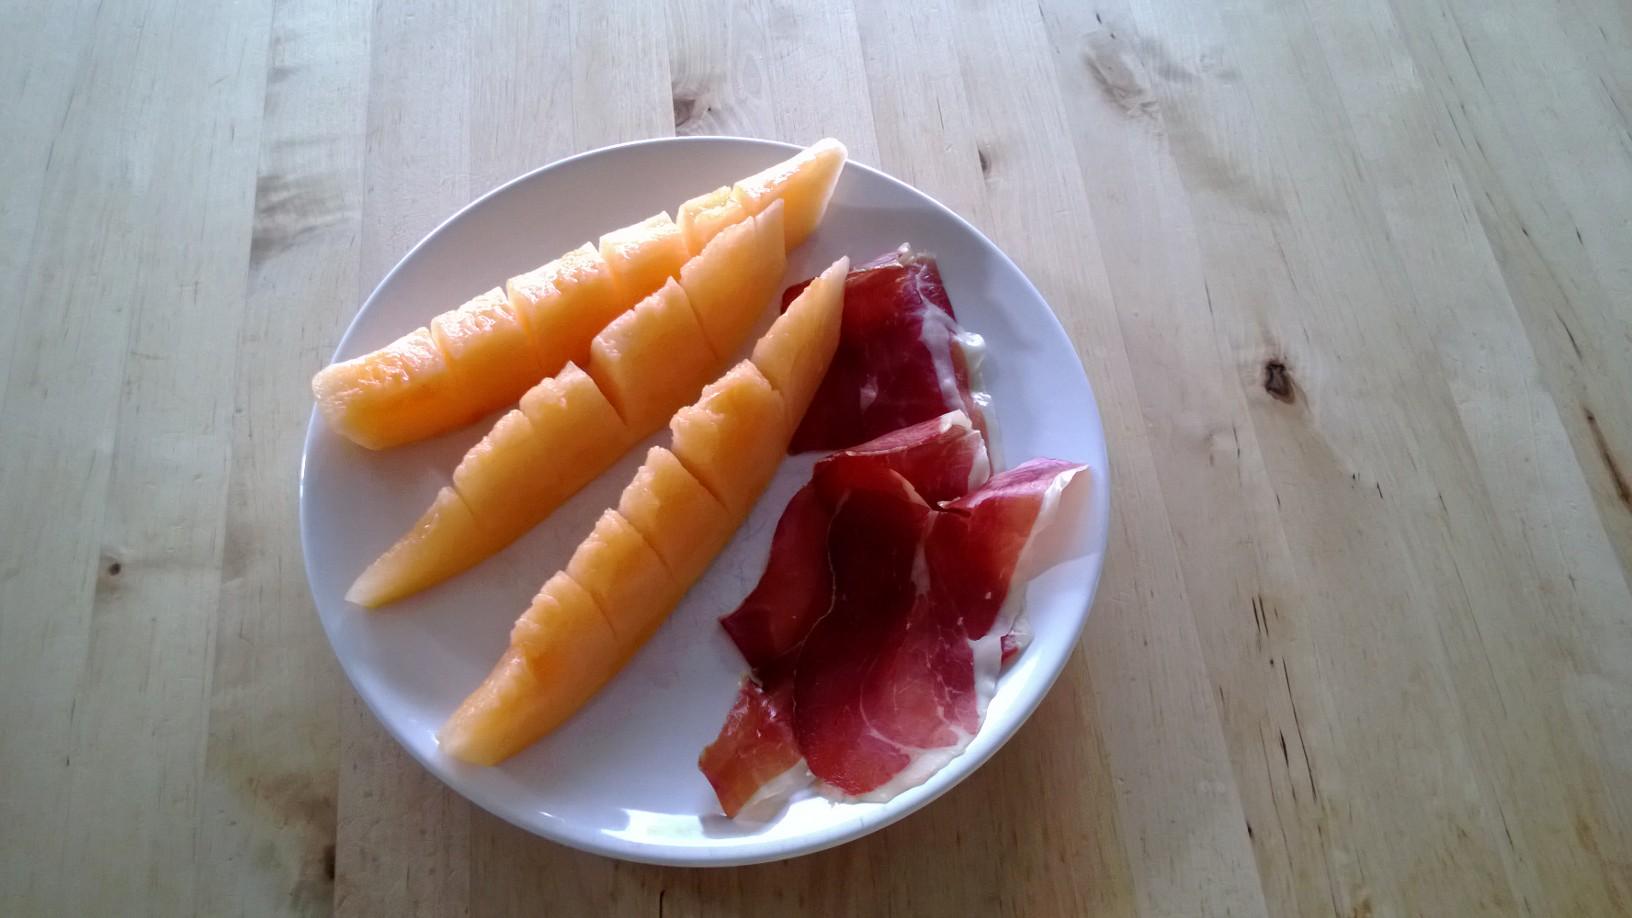 @Paradisosdelsol melon with spanish serrano ham